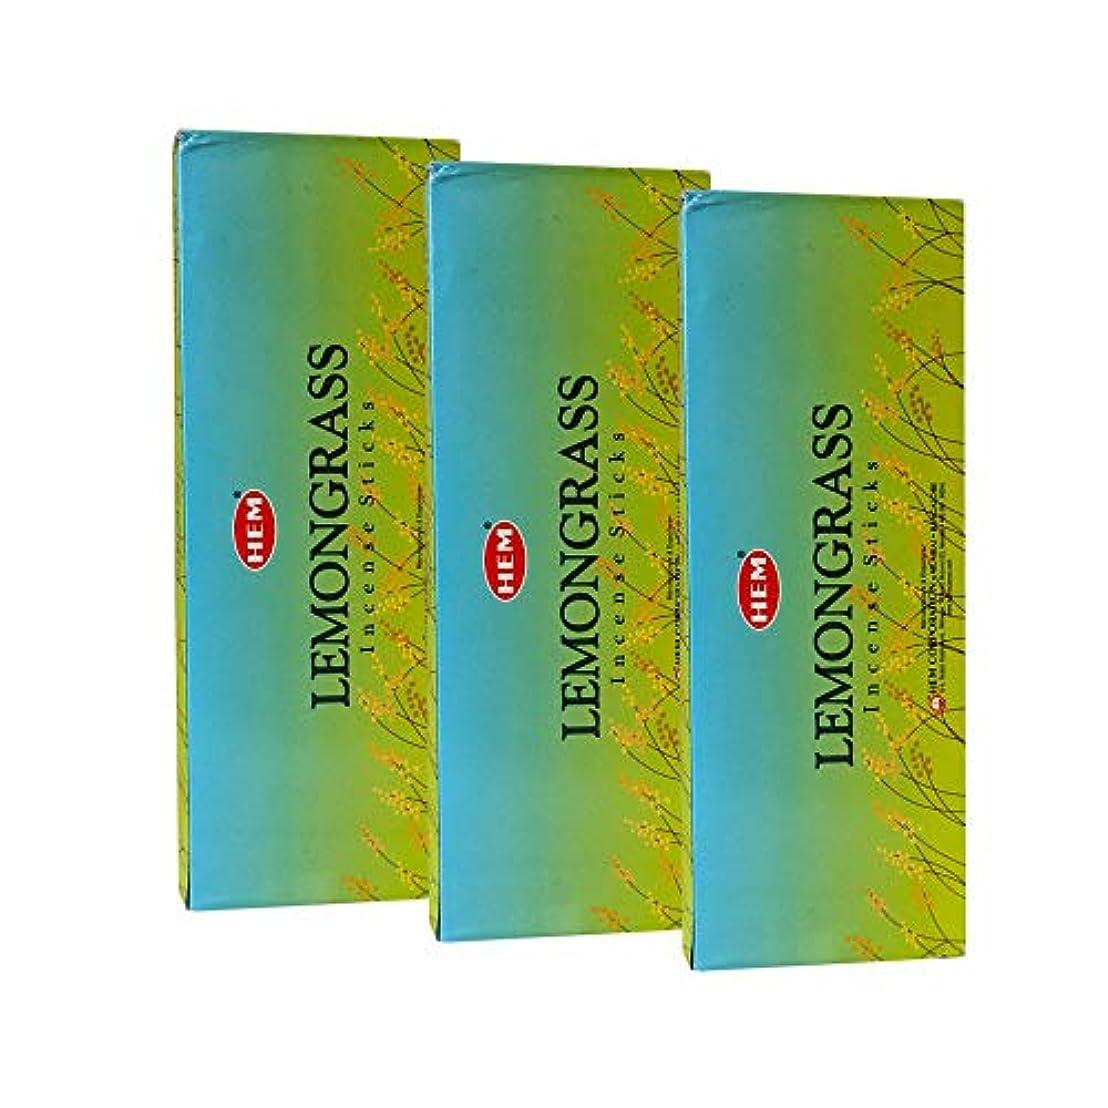 うがい薬ディスクトチの実の木Hemレモングラス香、3ボックス – (360 Sticksバルクper order)